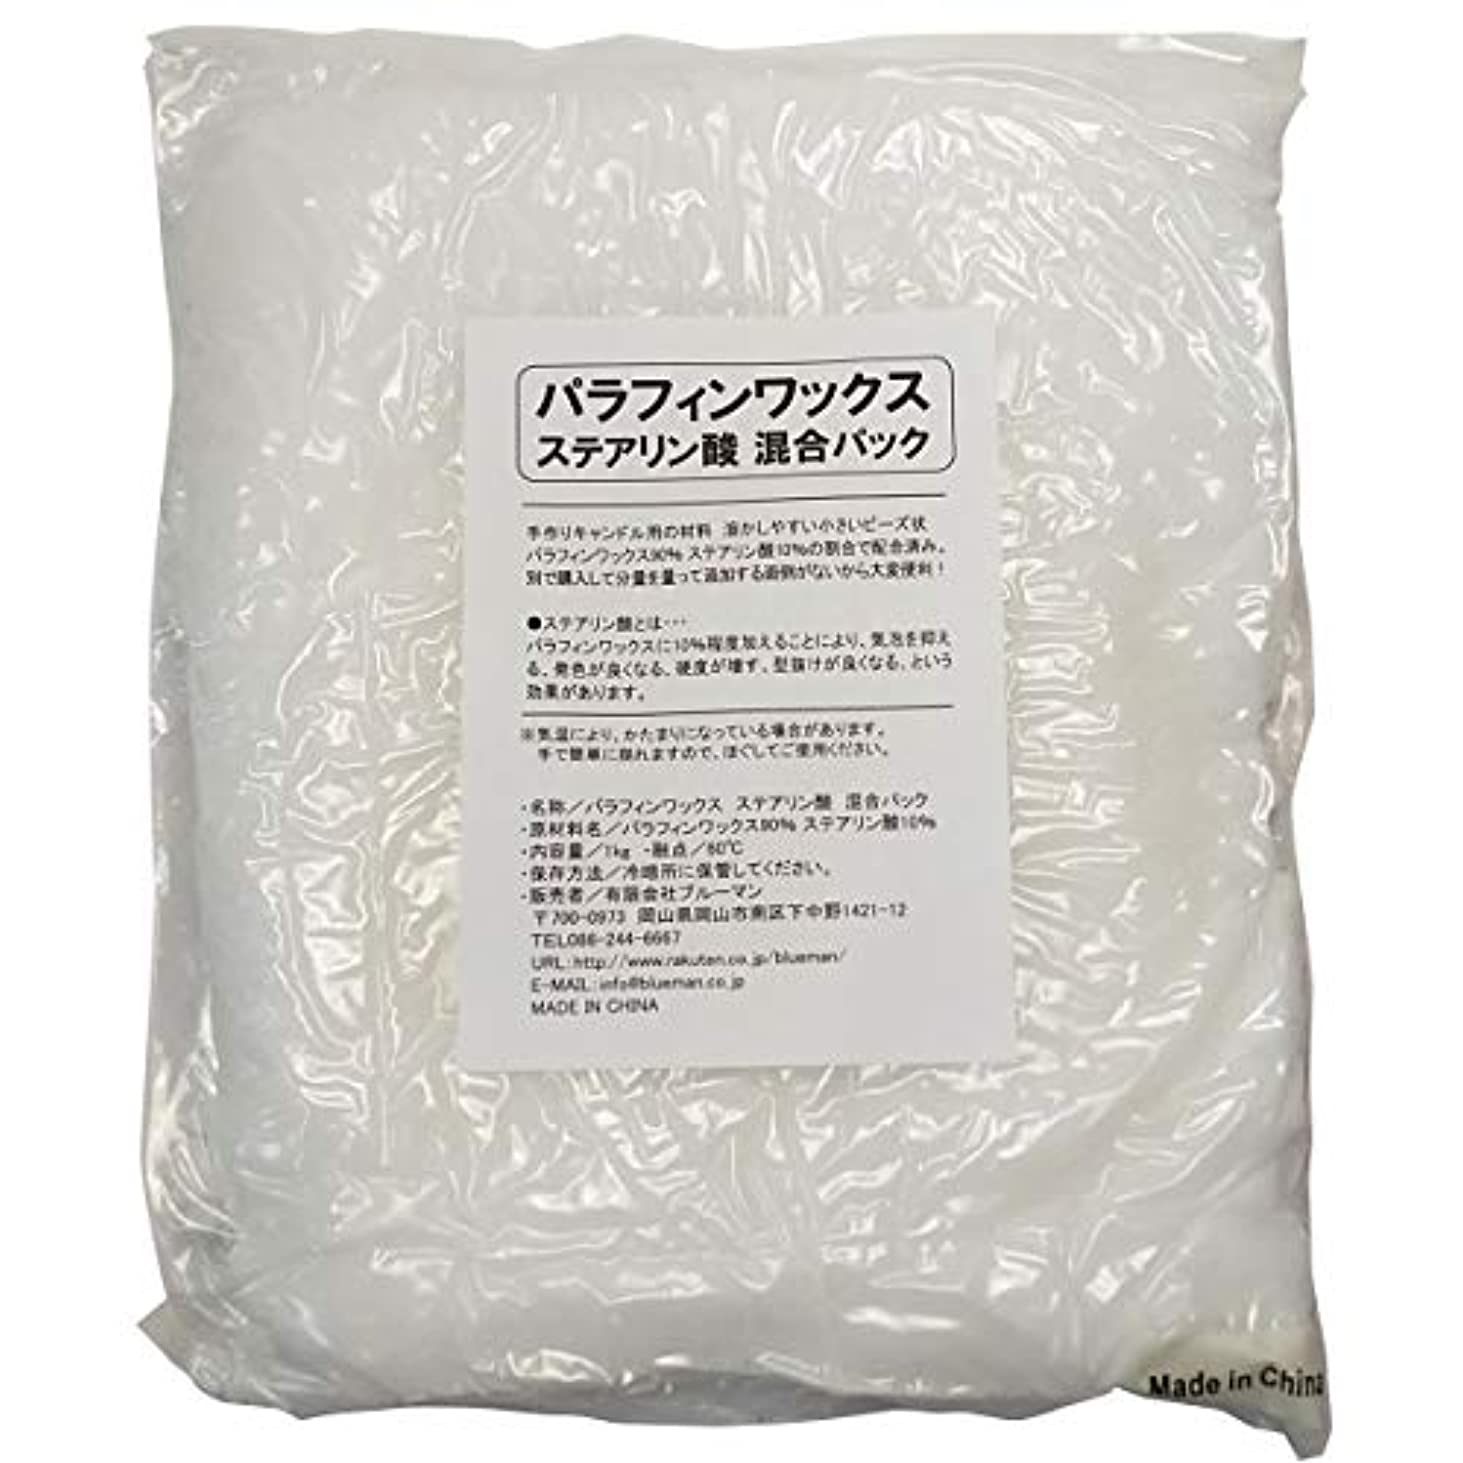 独立してそれに応じて許されるパラフィンワックス ステアリン酸 混合パック 1kg 手作りキャンドル 材料 1キロ アロマワックスサシェ